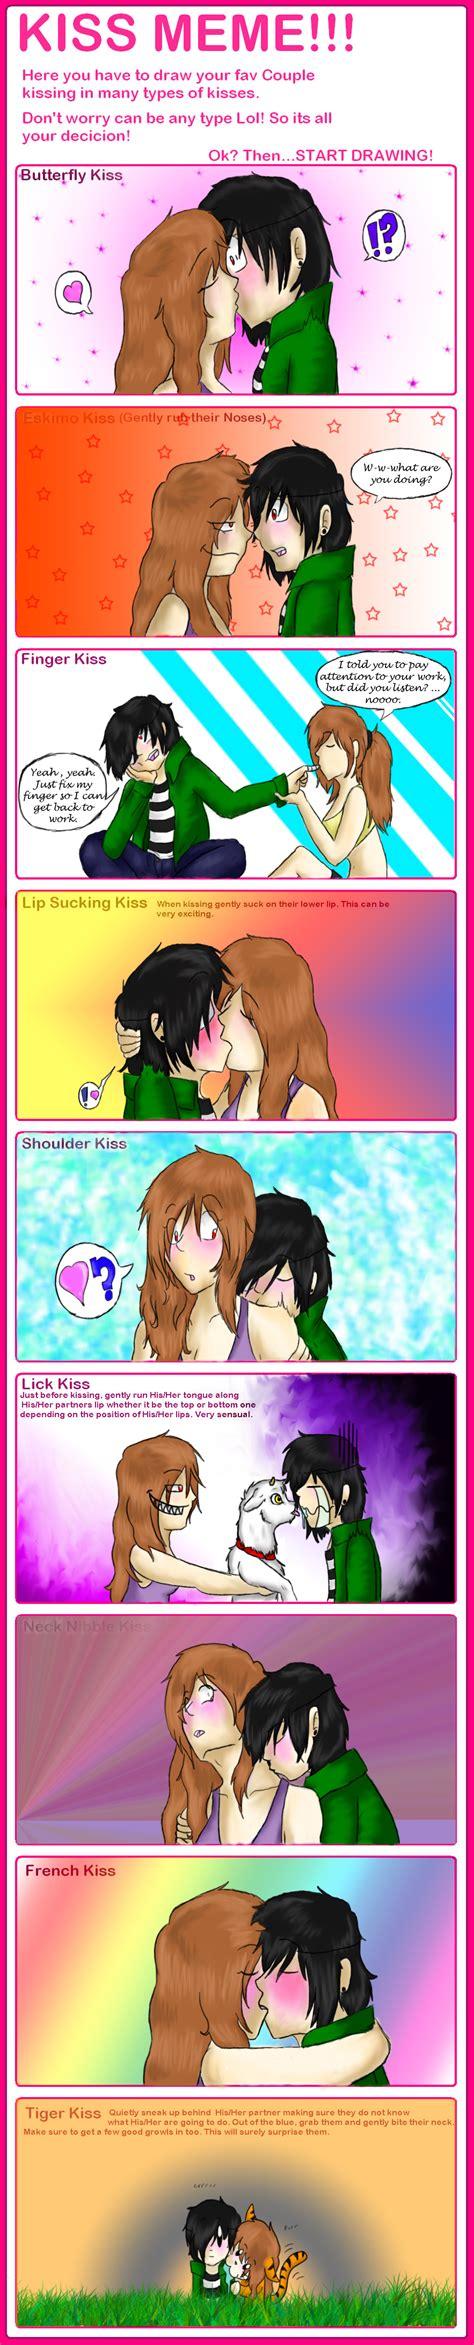 Kiss Meme - ben keera kiss meme by pokemon chick 1 on deviantart